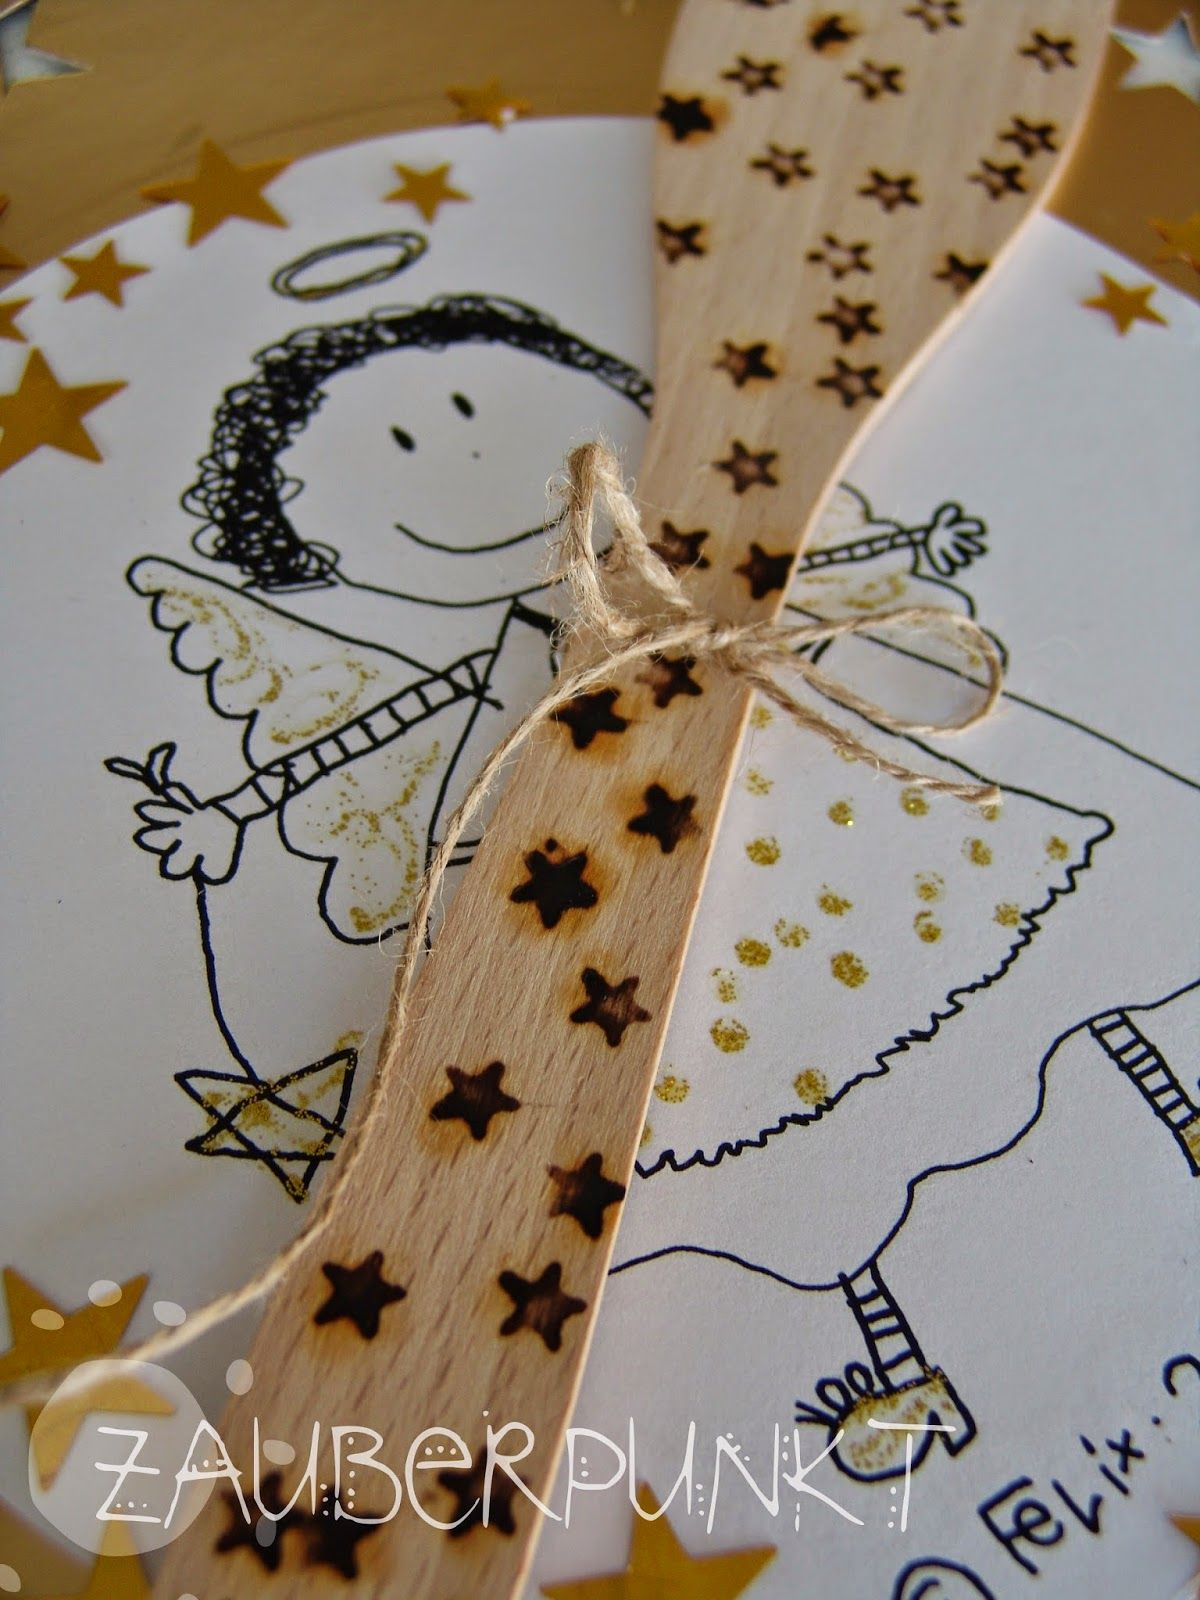 Weihnachtsgeschenke basteln mit kindern gotti g ttigeschenke - Weihnachtsgeschenke mit kleinkindern basteln ...